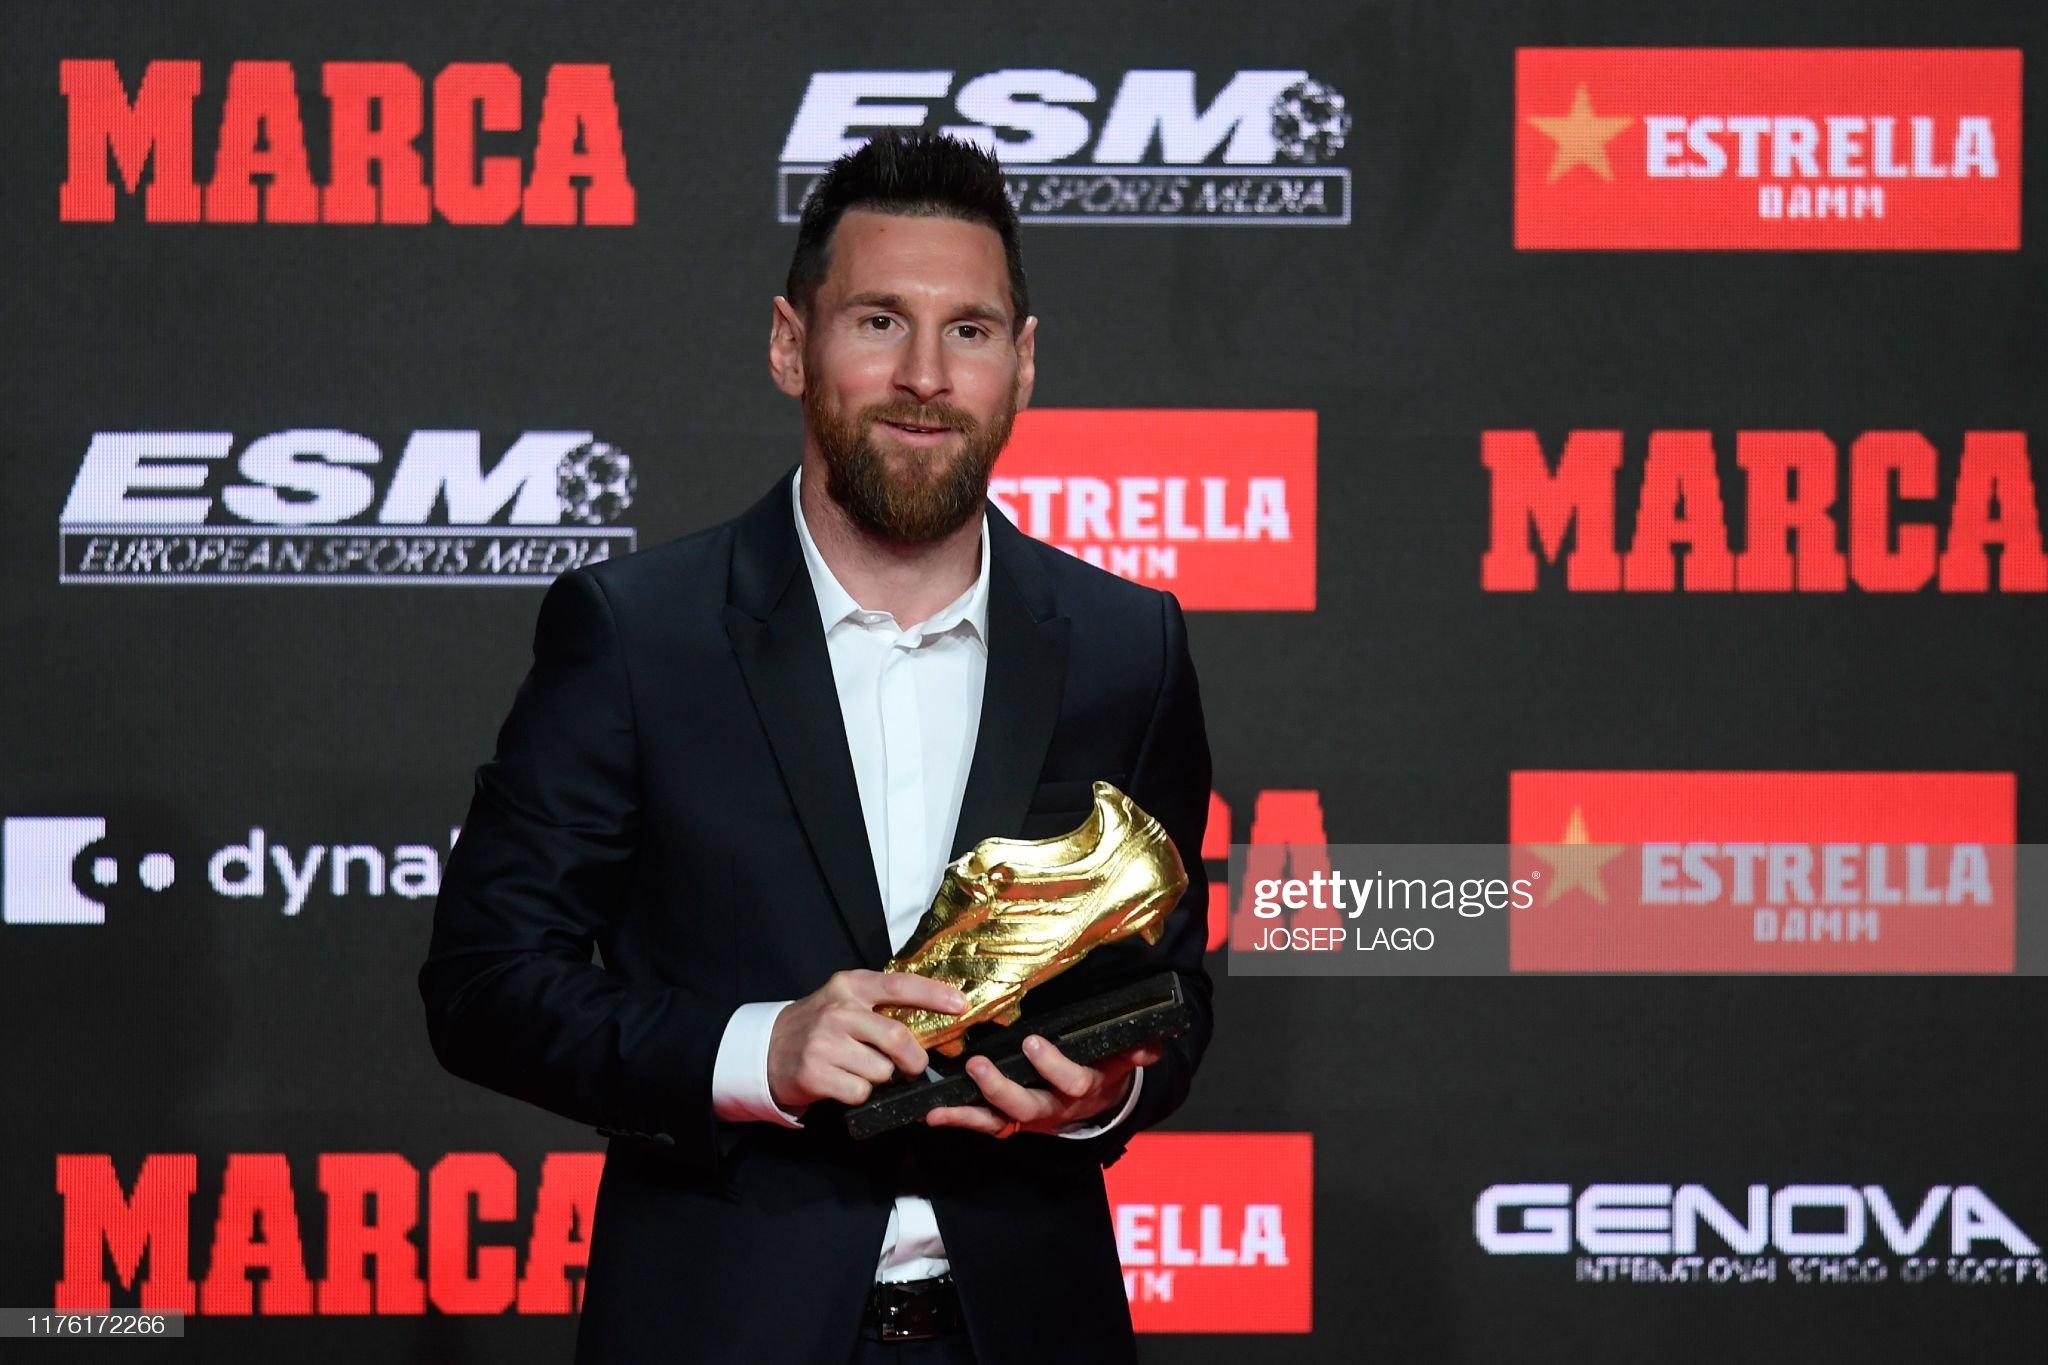 Leo Messi: Jamoadoshlarimsiz men birortaxam gol ura olmagan bo'lar edim